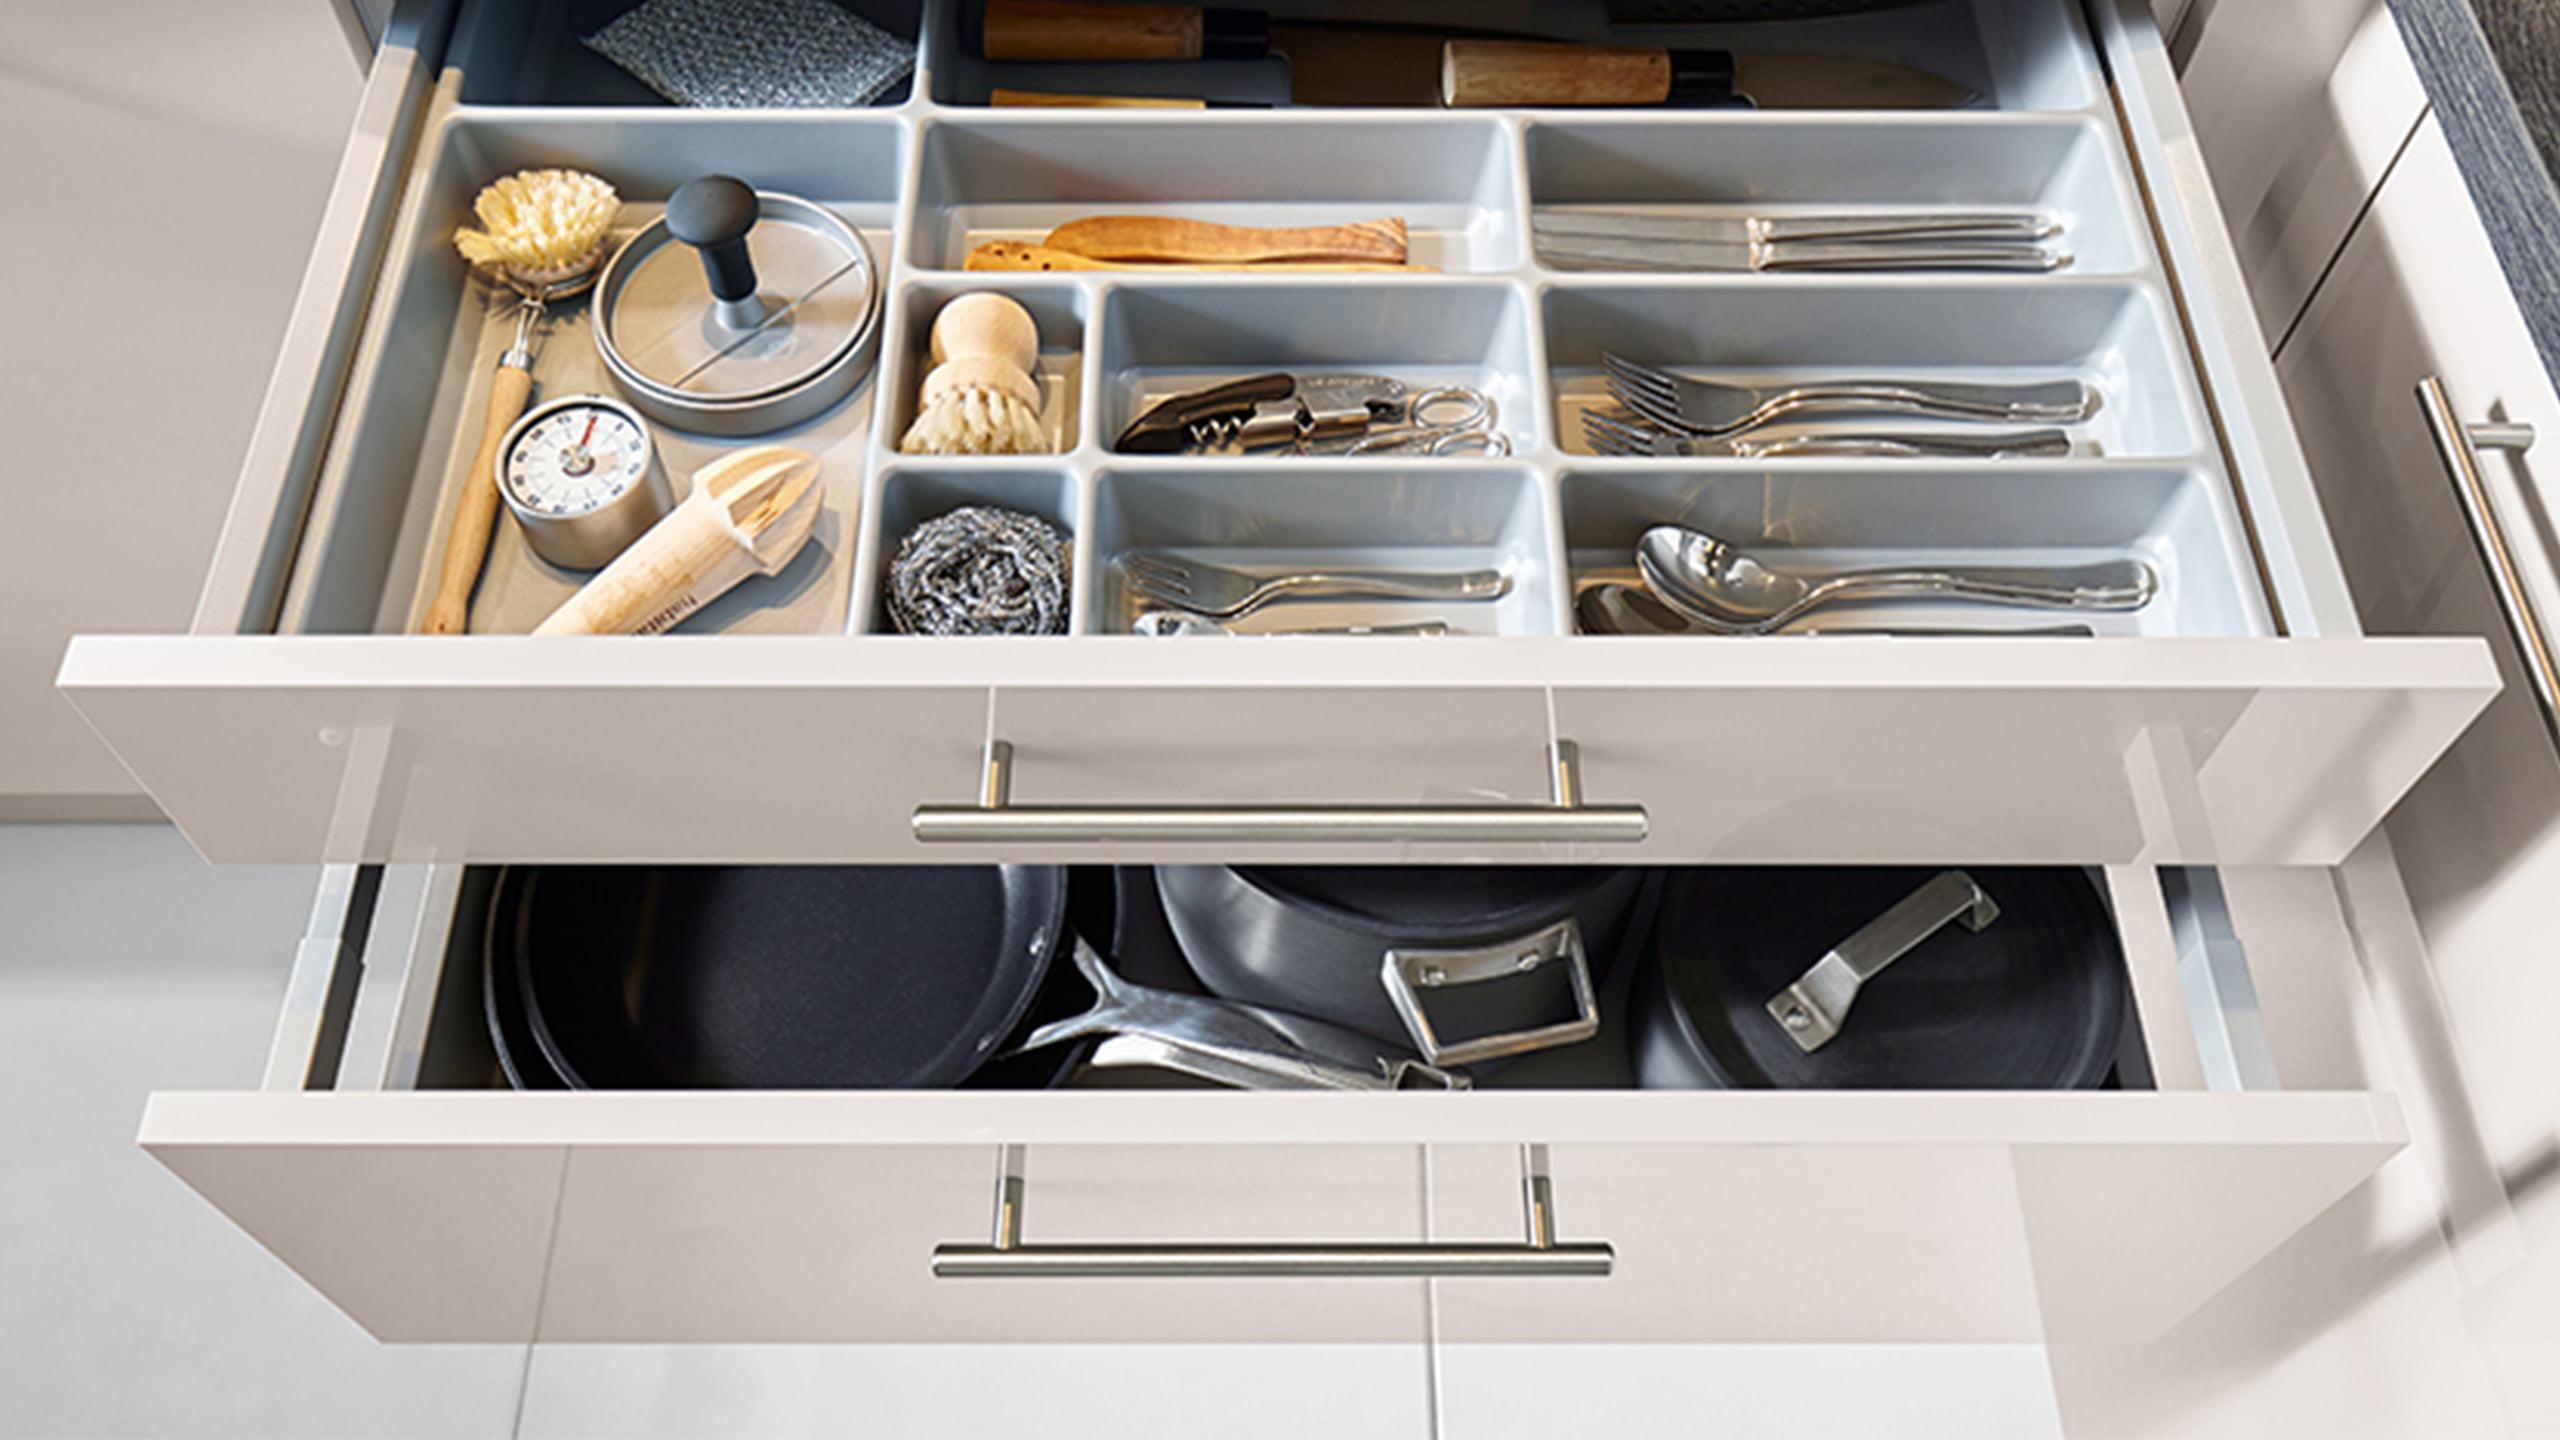 Full Size of Schller Kchenelemente Beste Art Schubladeneinsatz Küche Wohnzimmer Gewürze Schubladeneinsatz